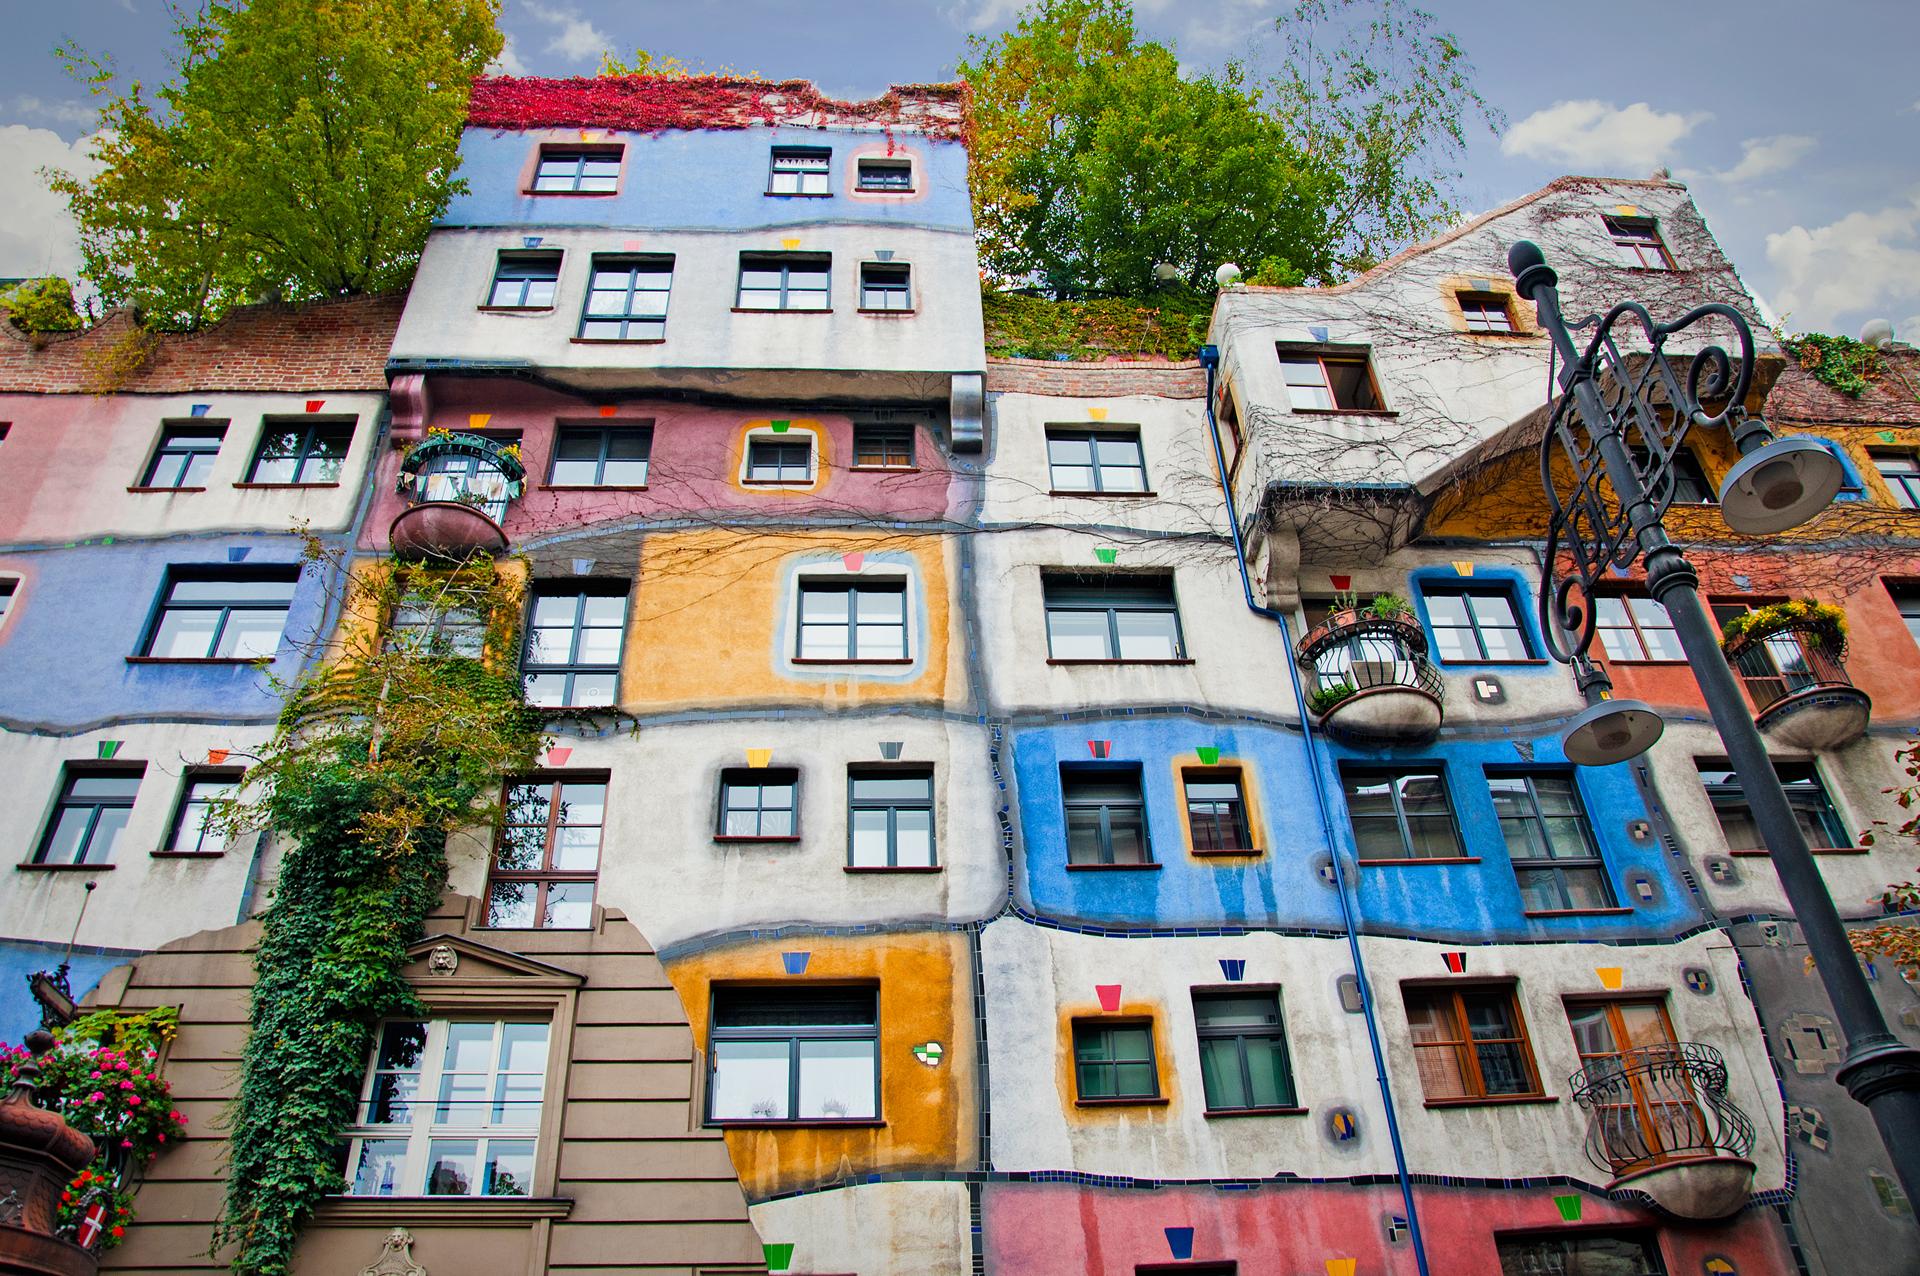 Es el complejo residencial del artista Friedensreich Hundertwasser. Un barrio lleno de color con los suelos ondulados donde en el interior de las casas crecen árboles y las ramas asoman por las ventanas. Los turistas se llevan paisajes coloridos y una arquitectura diferente (iStock)